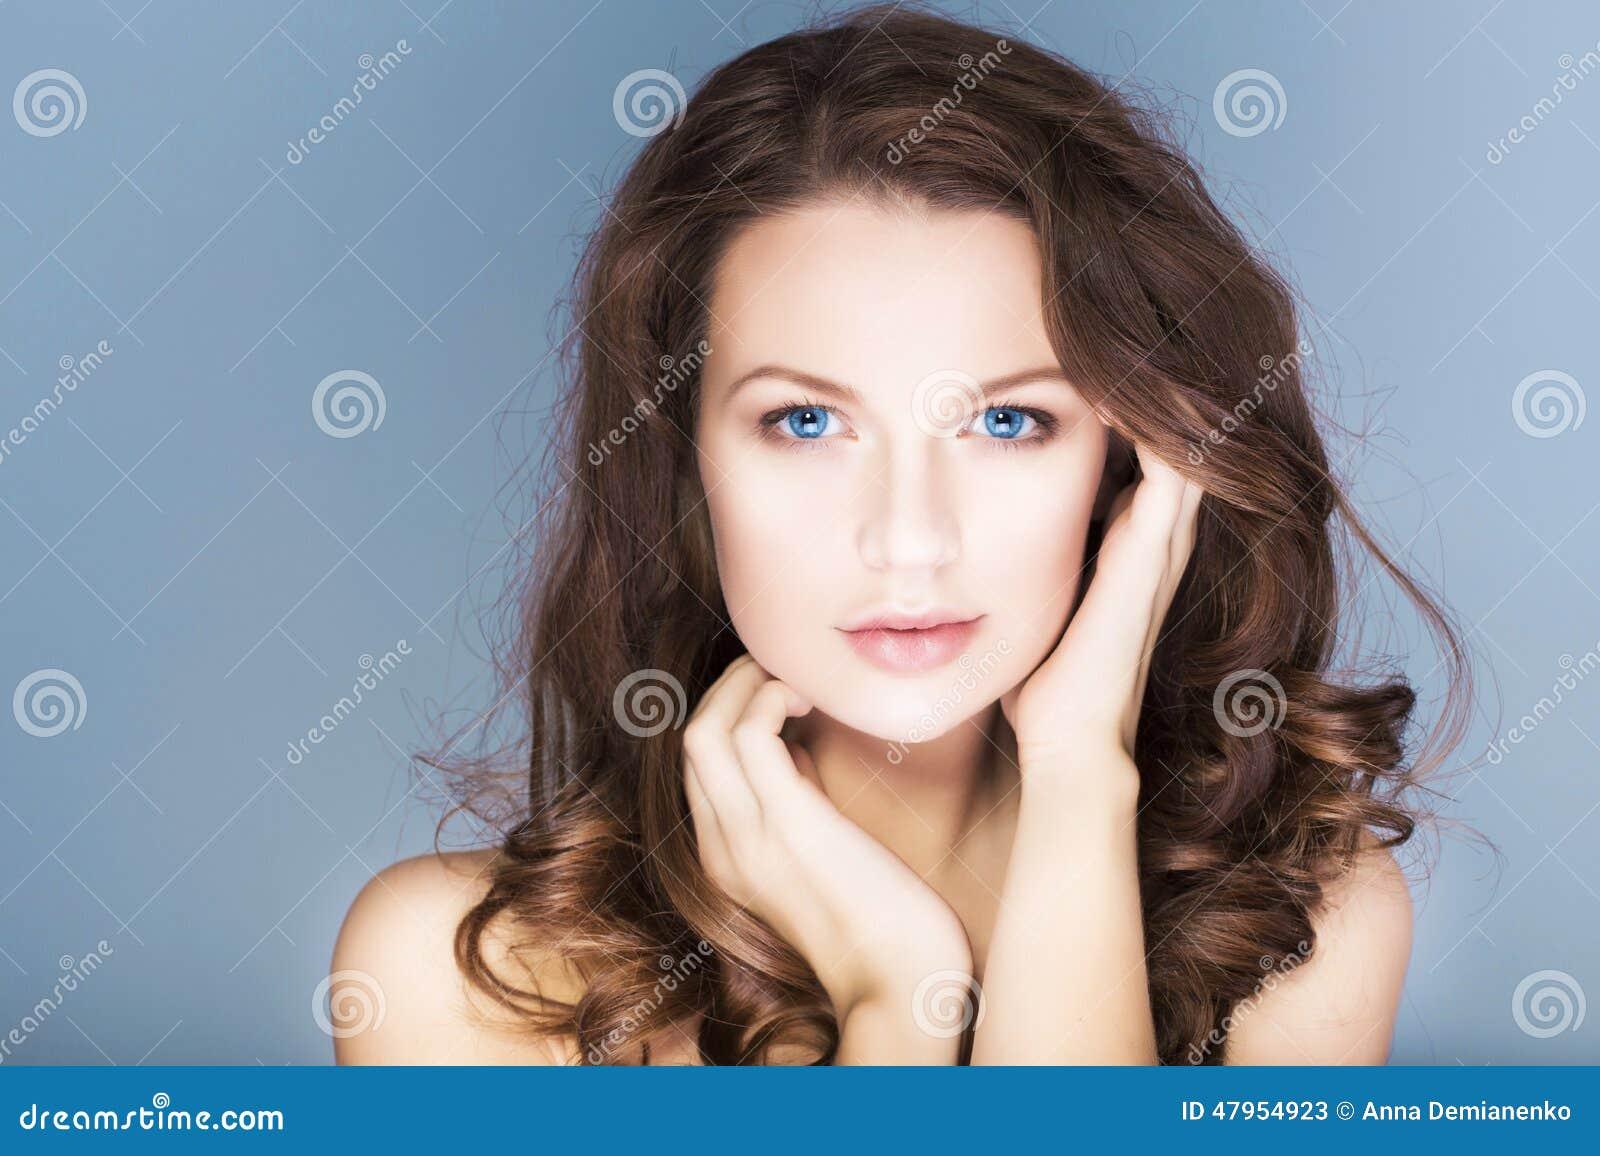 Η γυναίκα Brunette με τα μπλε μάτια χωρίς αποτελεί, φυσικά άψογα δέρμα και χέρια κοντά στο πρόσωπό της